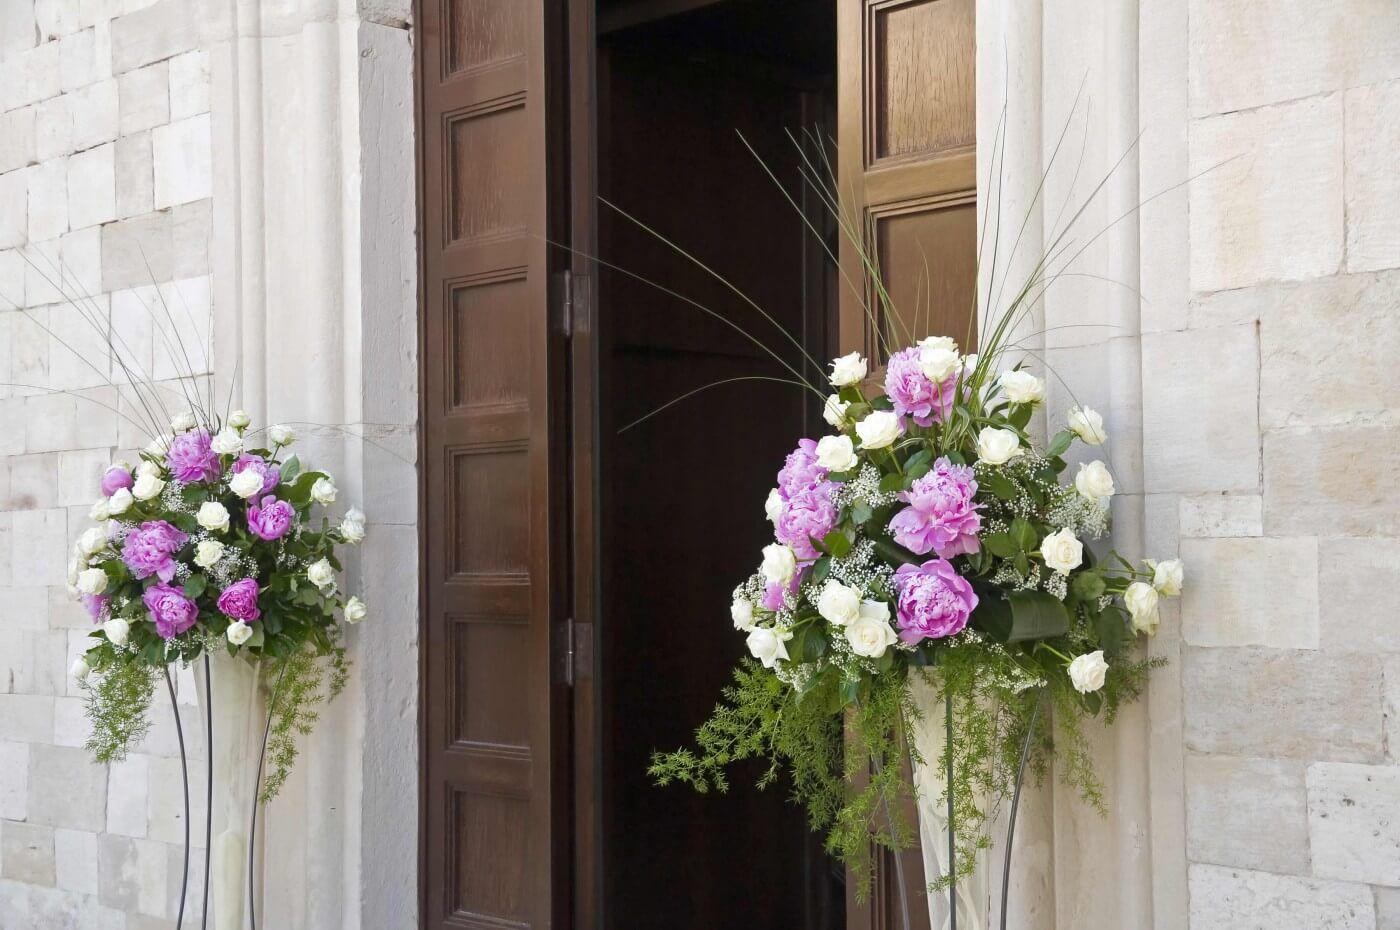 Kirche Tur Mit Blumen Bildergalerie Mit Schonen Beispielen Hochzeitsdeko Kirchendeko Hochzeit Kirchenschmuck